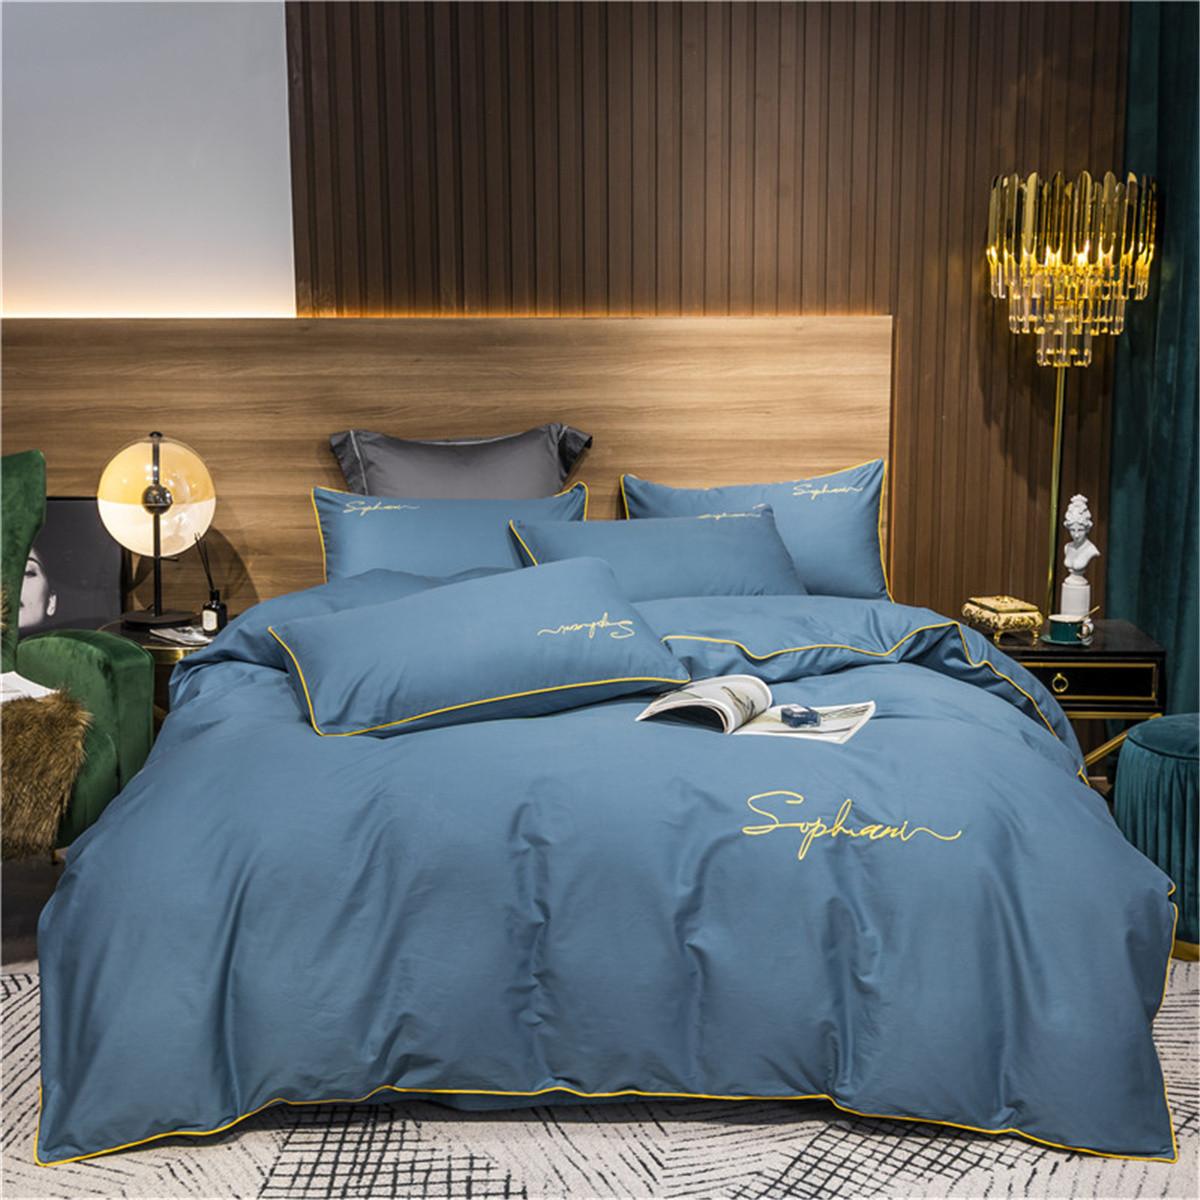 全棉60支长绒棉套件欧式裸睡纯棉床单被套床笠床上用品